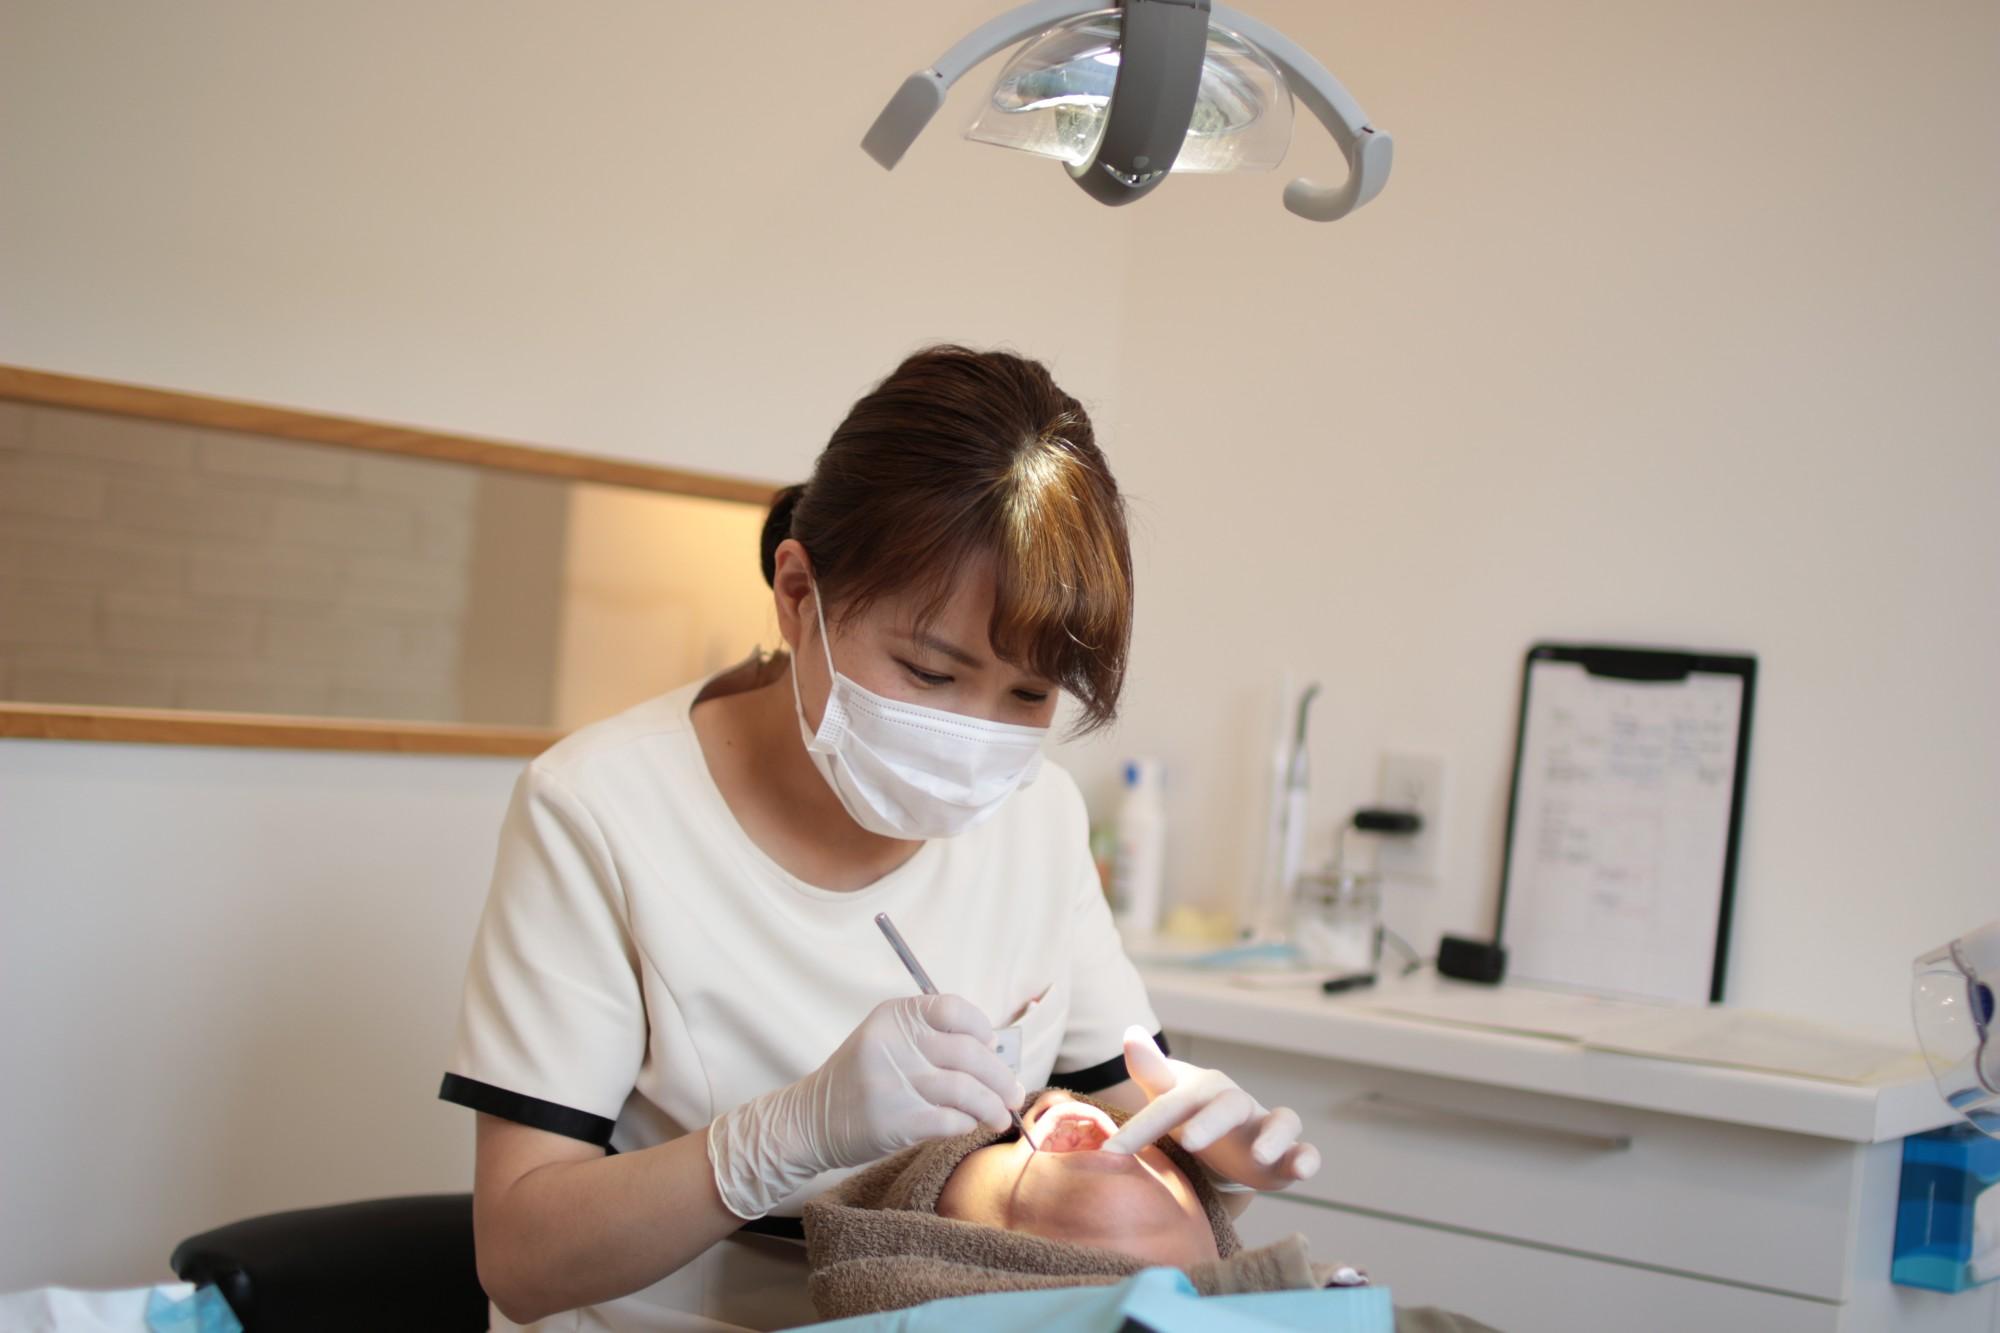 歯科衛生士が治療する様子